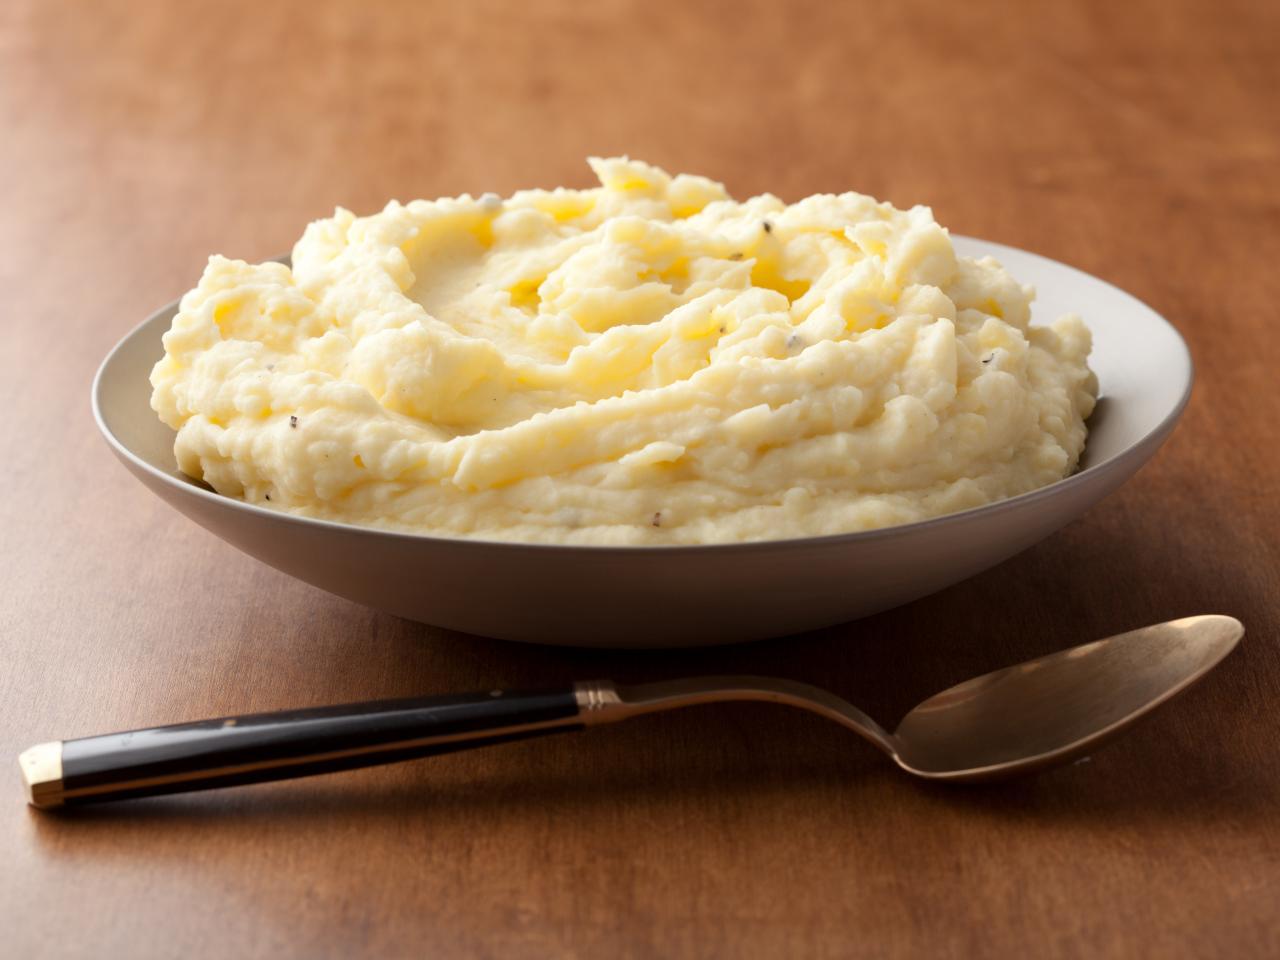 Цел живот погрешно готвите и го уништувате вкусот - Еве како правилно се прави пире од компири